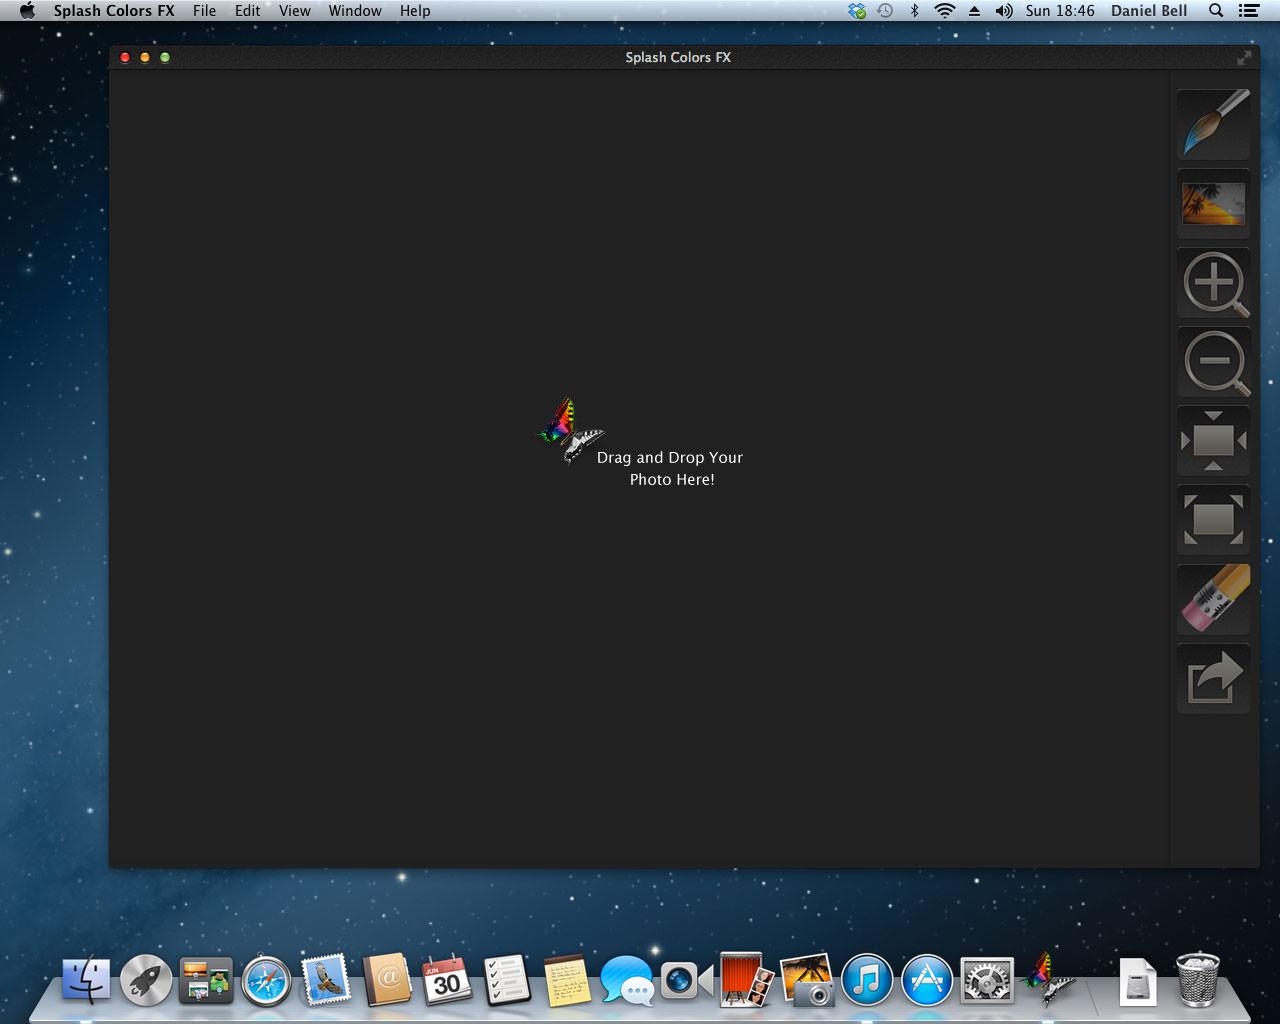 Splash Colors FX Mac App Review | ePHOTOzine